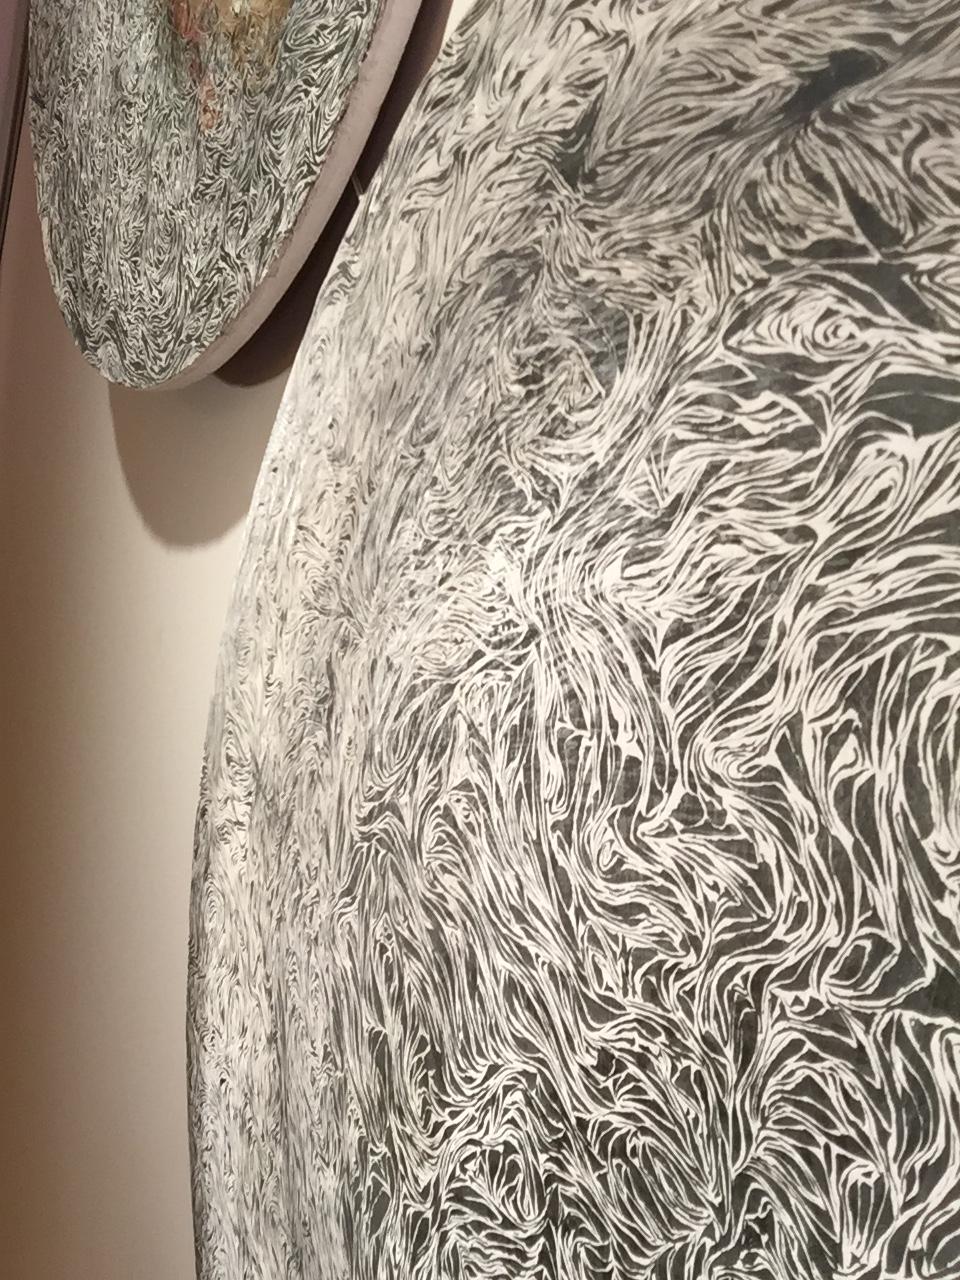 nathalie bergiers artworks 2014 @ hugo neumann brussels 8